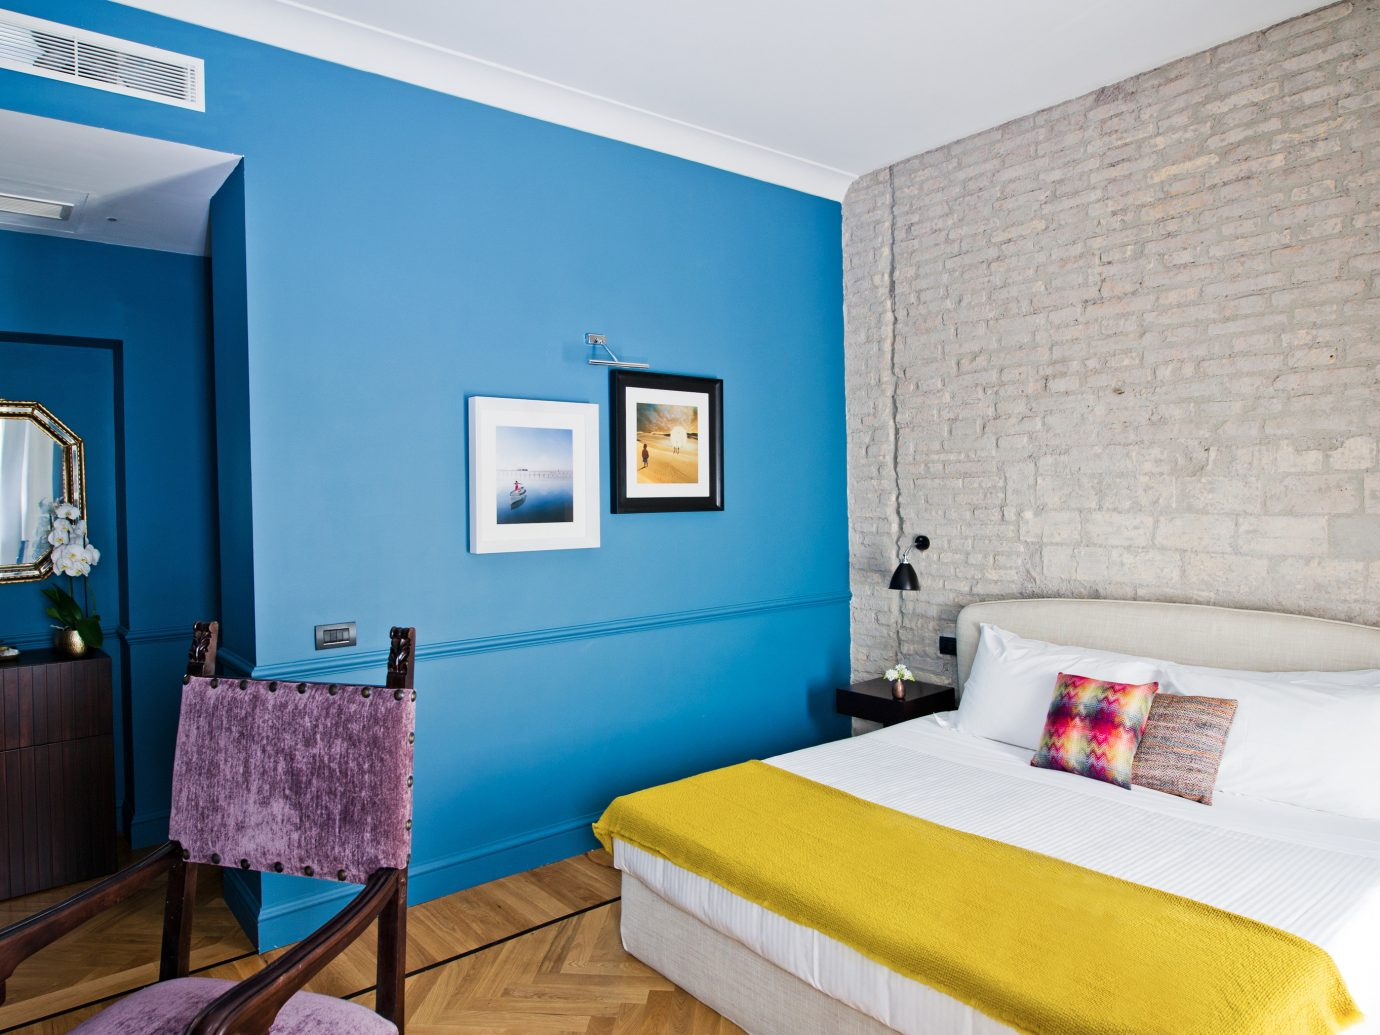 Boutique Hotels Hotels indoor wall blue floor room Suite interior design Bedroom bed ceiling real estate hotel interior designer furniture